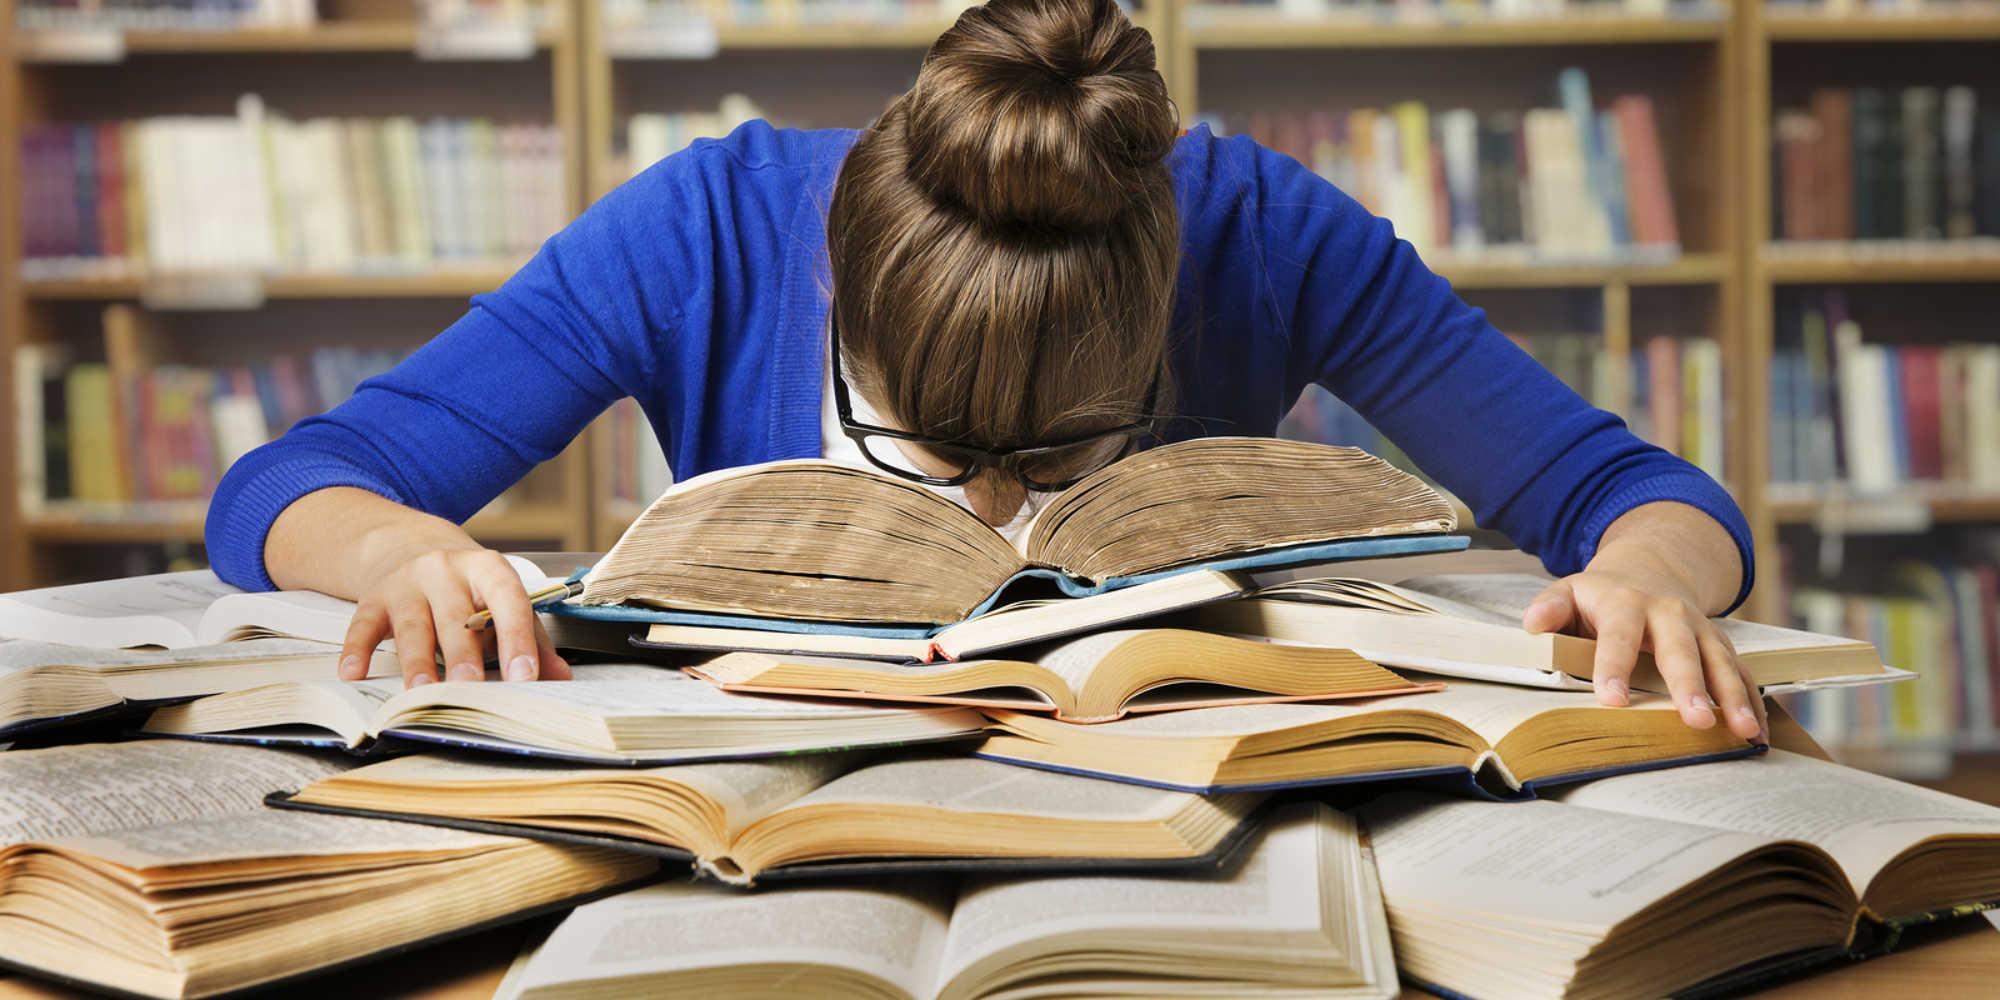 HeadInBooks